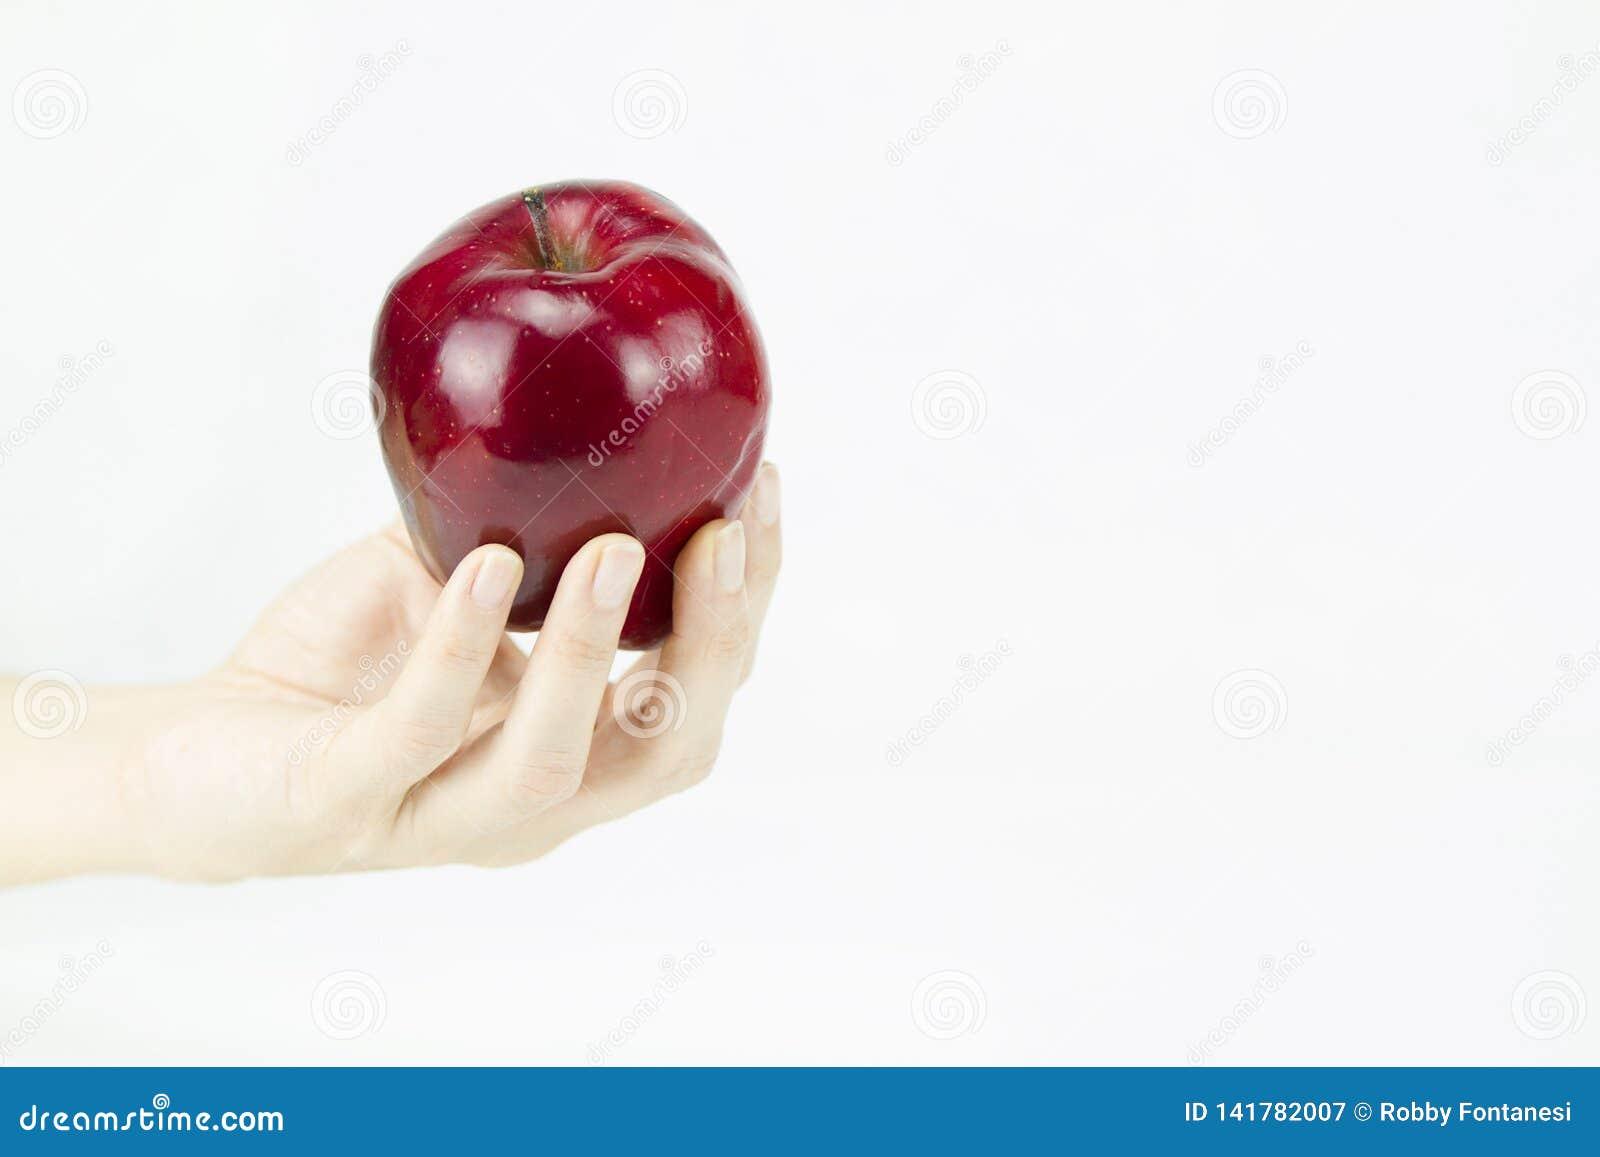 Hand einer jungen Frau, die einen roten Apfel wie der angeboten von der Hexe Schneewittchen auf weißem Hintergrund hält